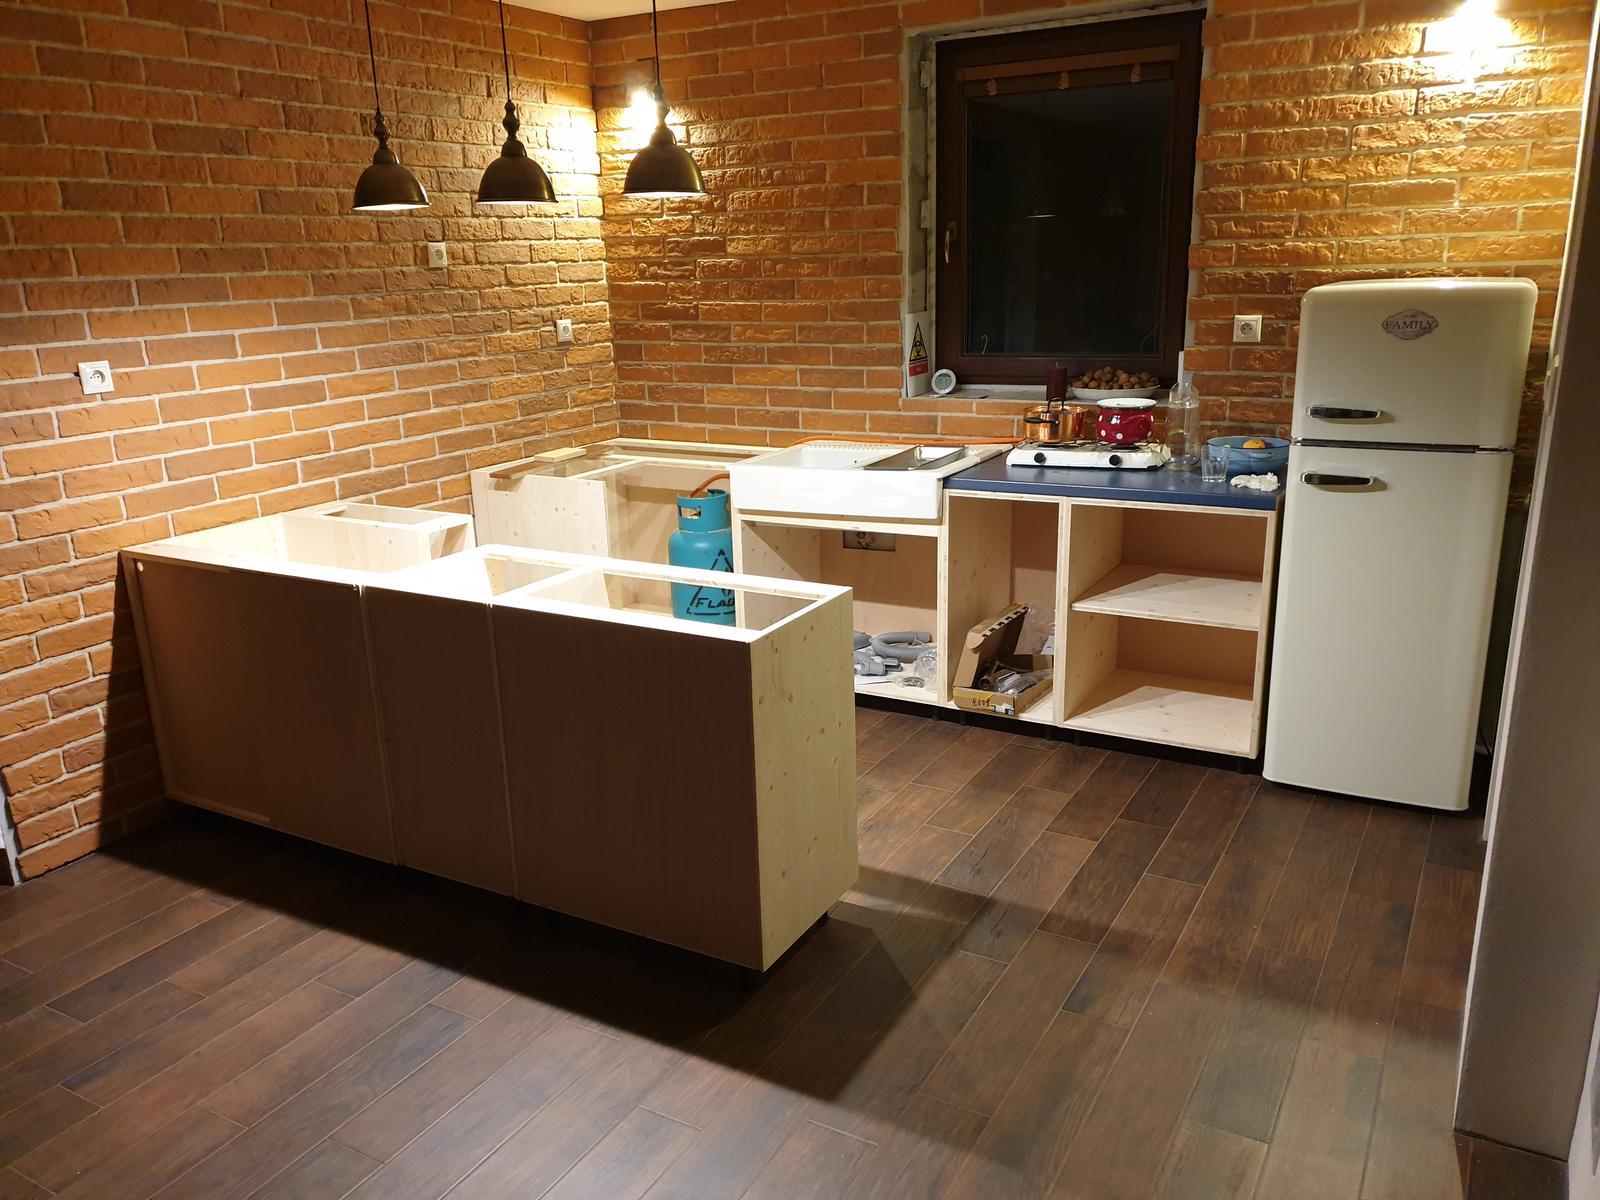 Kuchyňa svojpomocne - Doplnena aj rohova skrinka. uz len skrinka pre vstavanu ruru. Ostrovcek zo zadu bude prekryty suvislou doskou